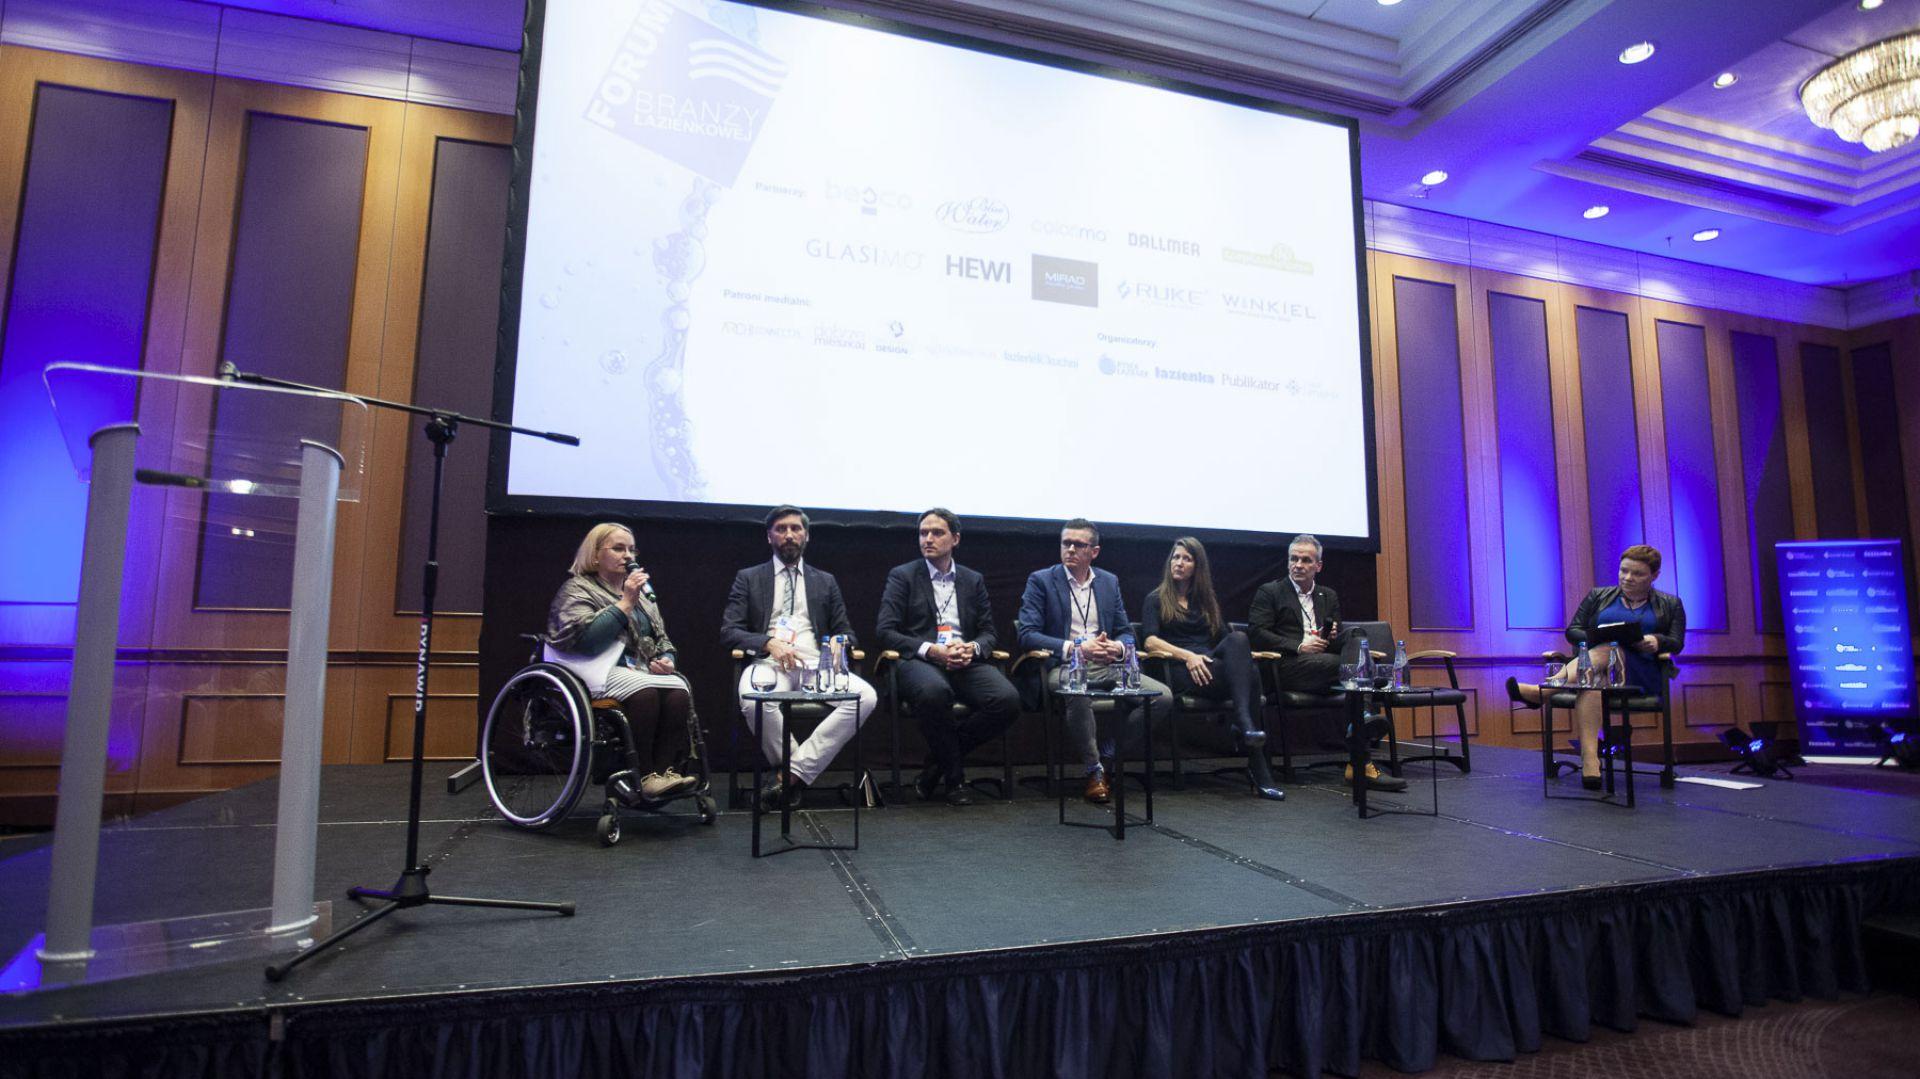 V Forum Branży Łazienkowej - panele dyskusyjny Łazienka 50+ - jak przygotować rynek na demograficzną rewolucję? Fot. Marek Misiurewicz